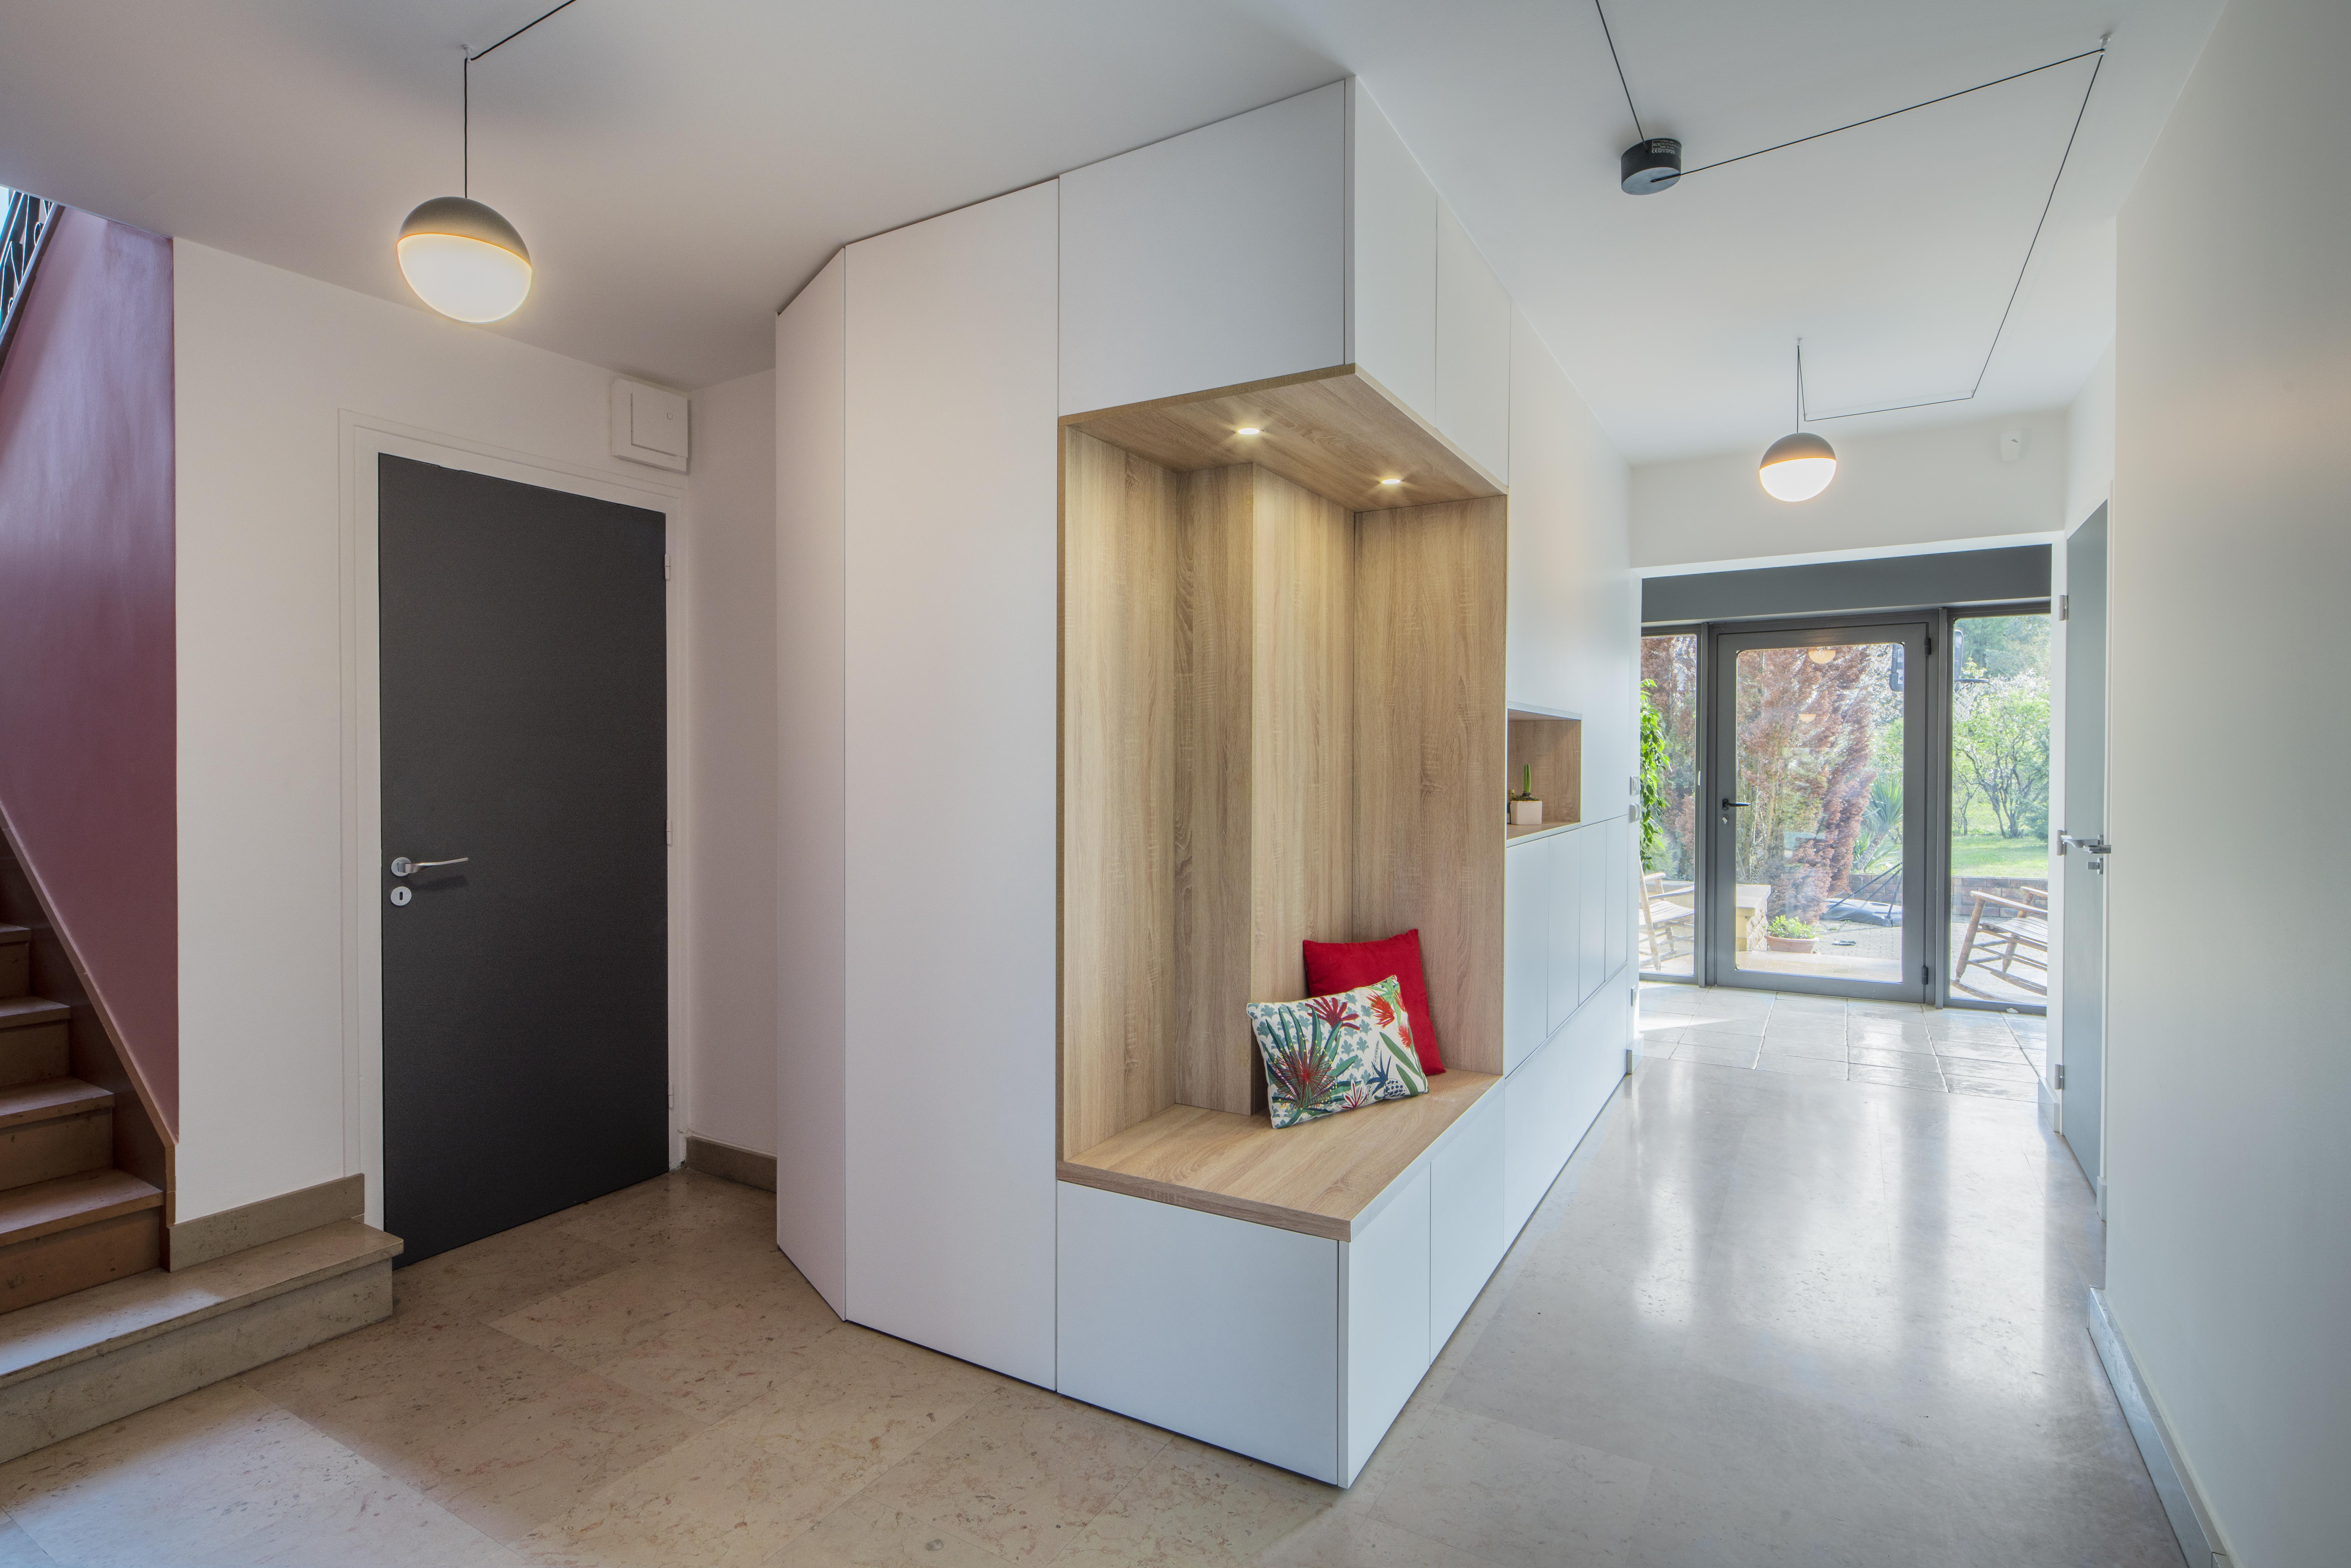 Architecte De L Intérieur lsai - lydie sereault architecte d'intérieur à lyon et dans